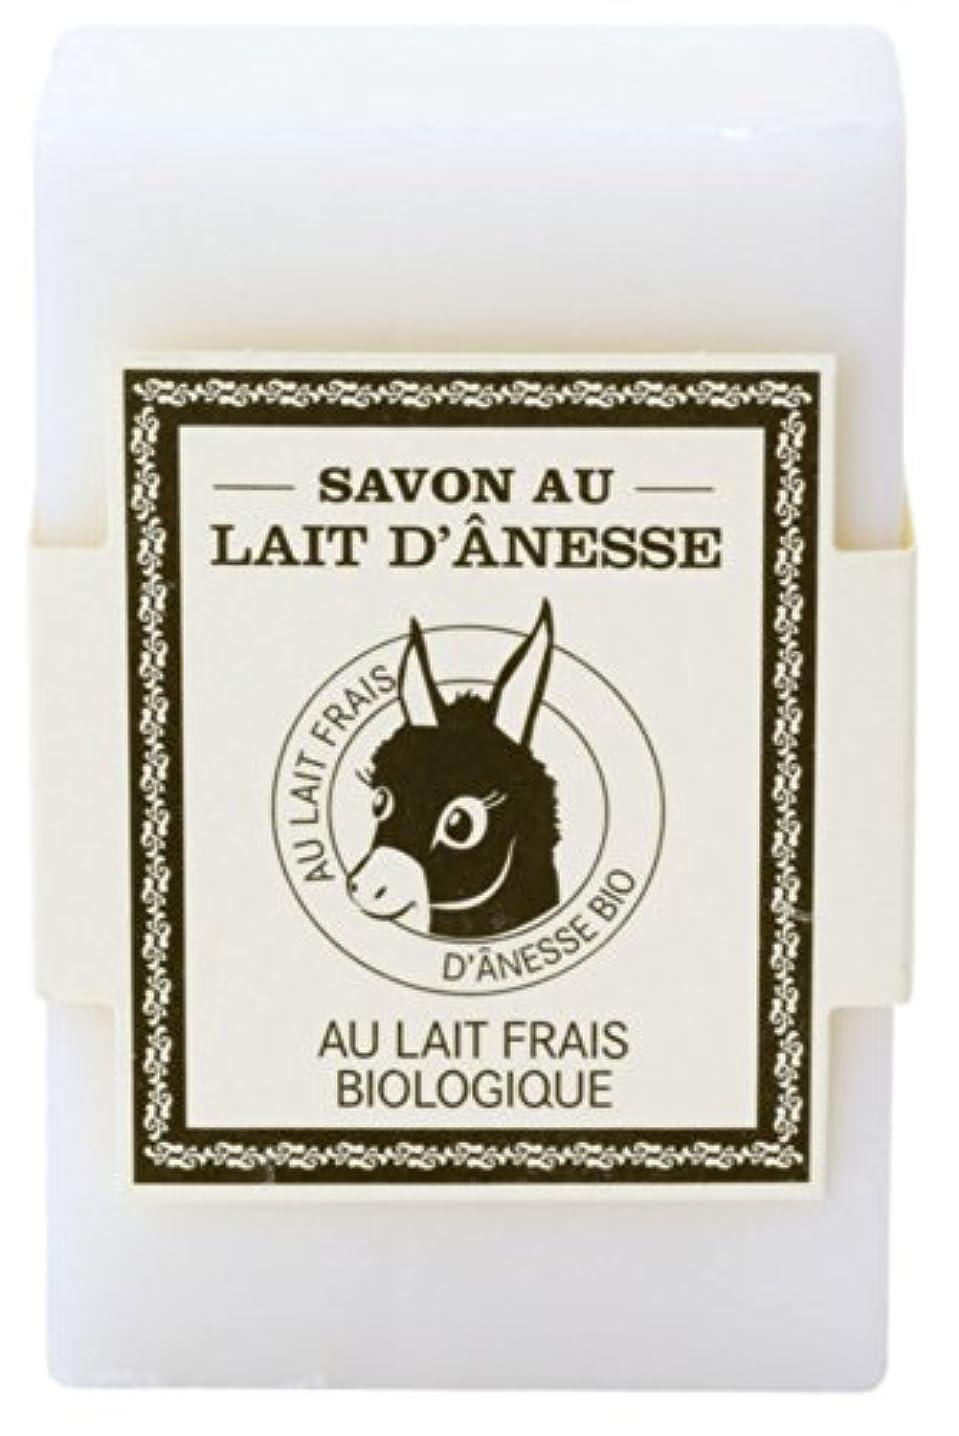 警告ほこりっぽい改善するノルコーポレーション プロヴァンス ロバミルク石鹸 フレッシュロバミルク OB-PVP-3-1